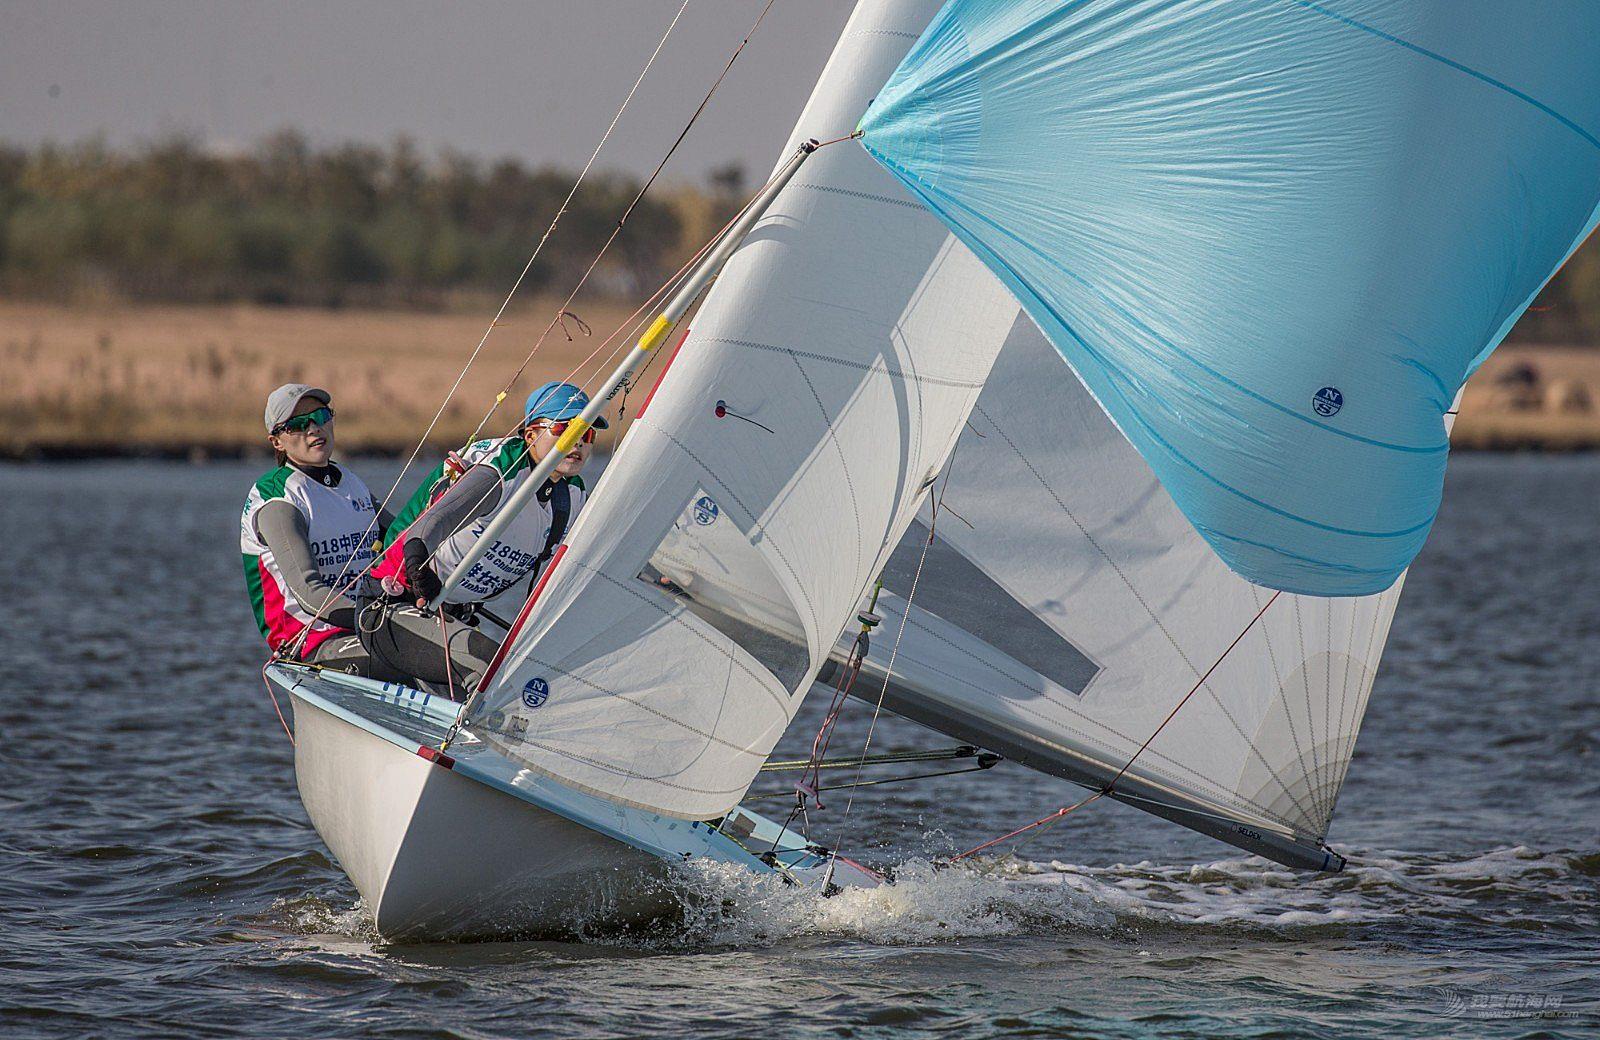 2018中国帆船联赛潍坊站27日国手赛事图片4